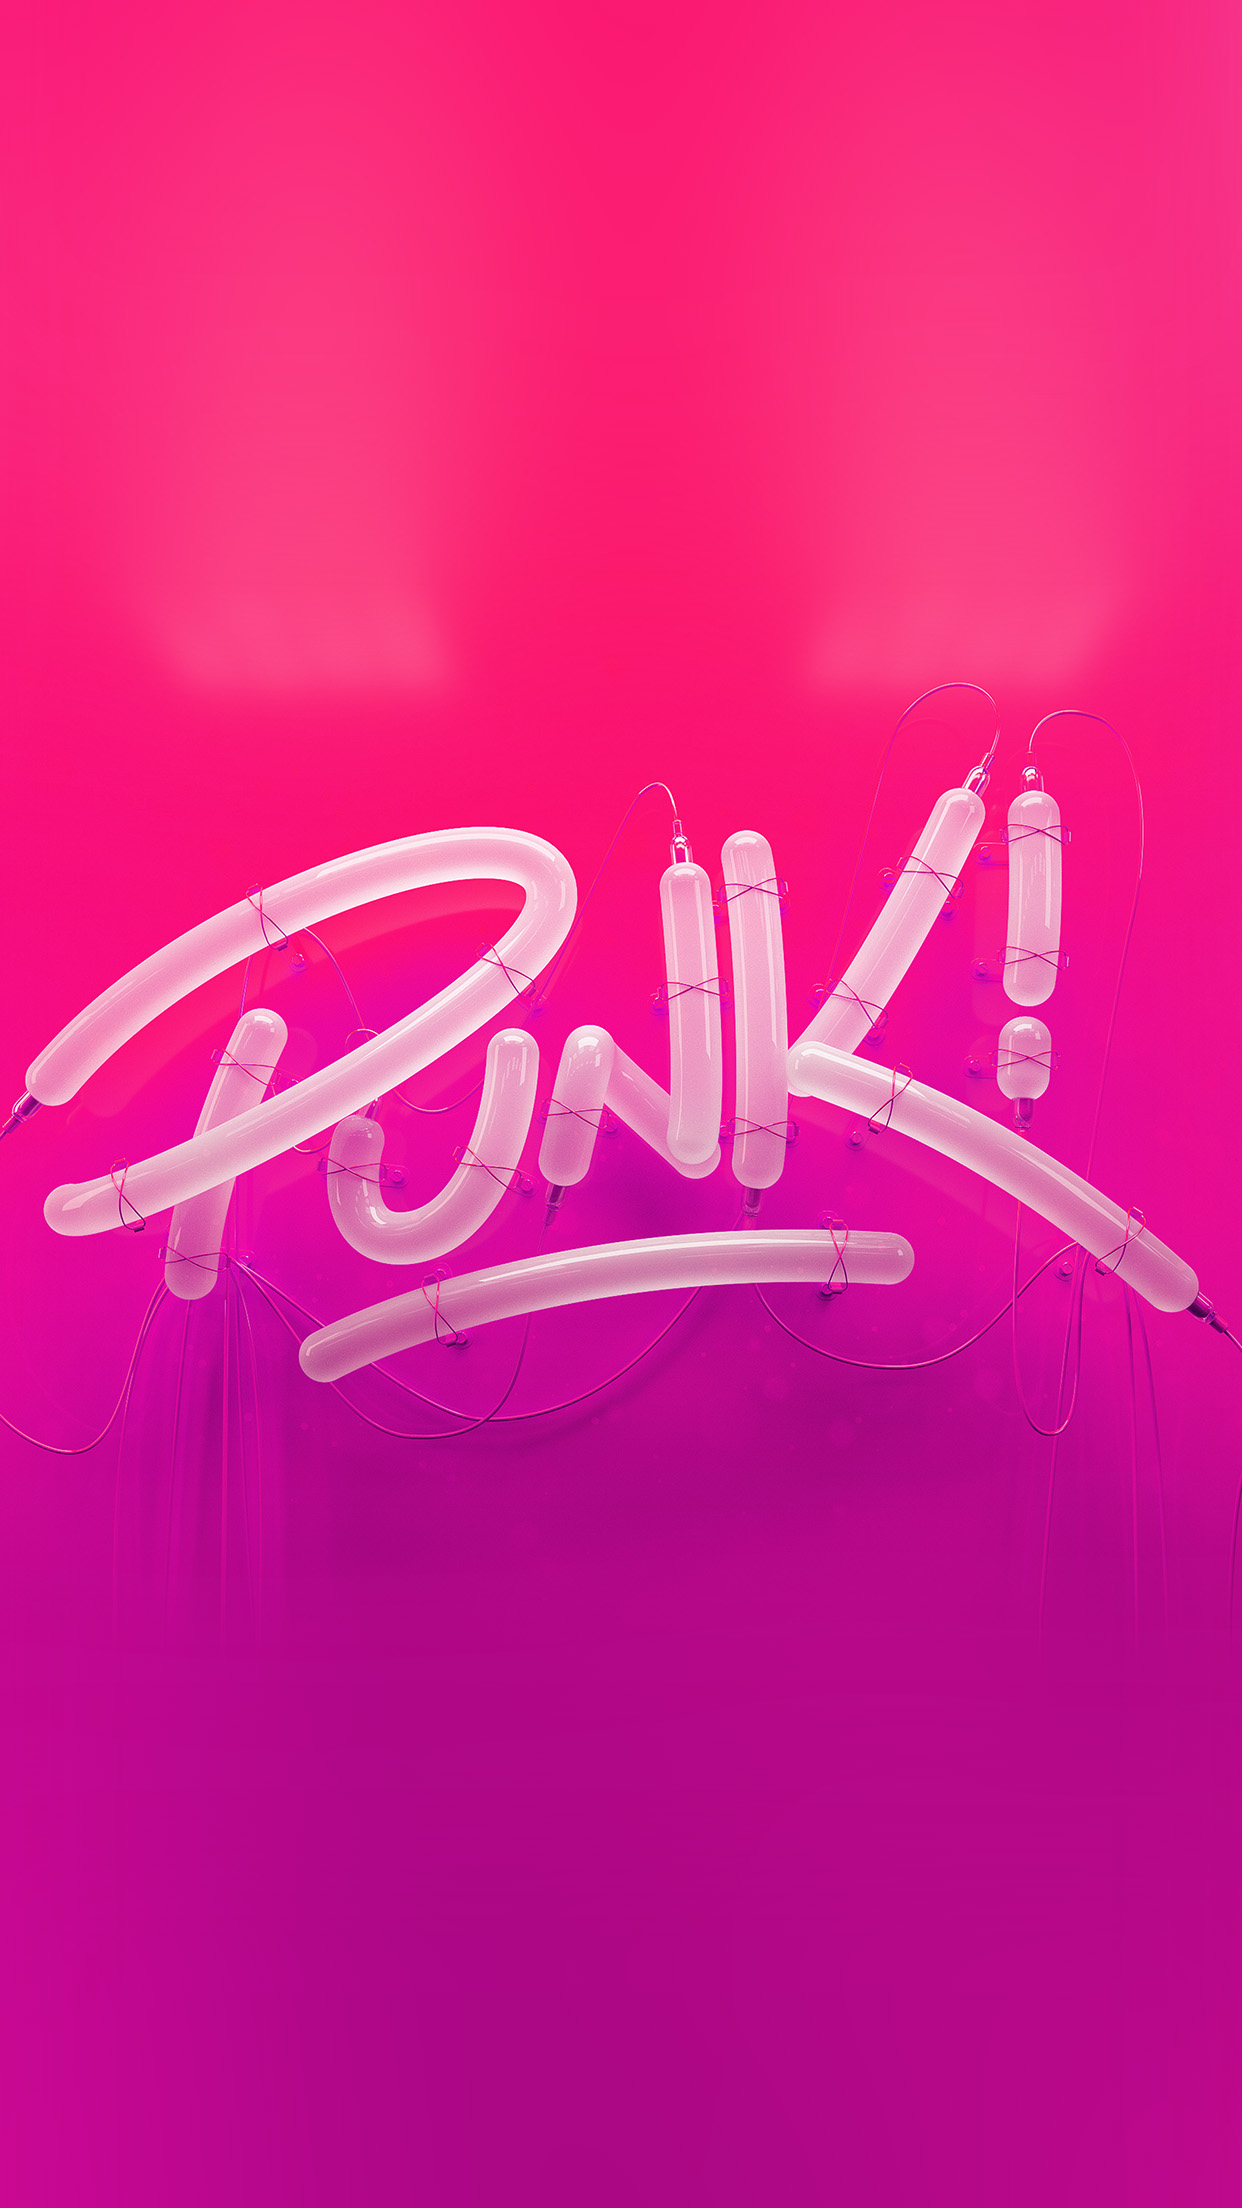 Ay77 Punk Neon Sign Art Minimal Illustration Art Red Wallpaper